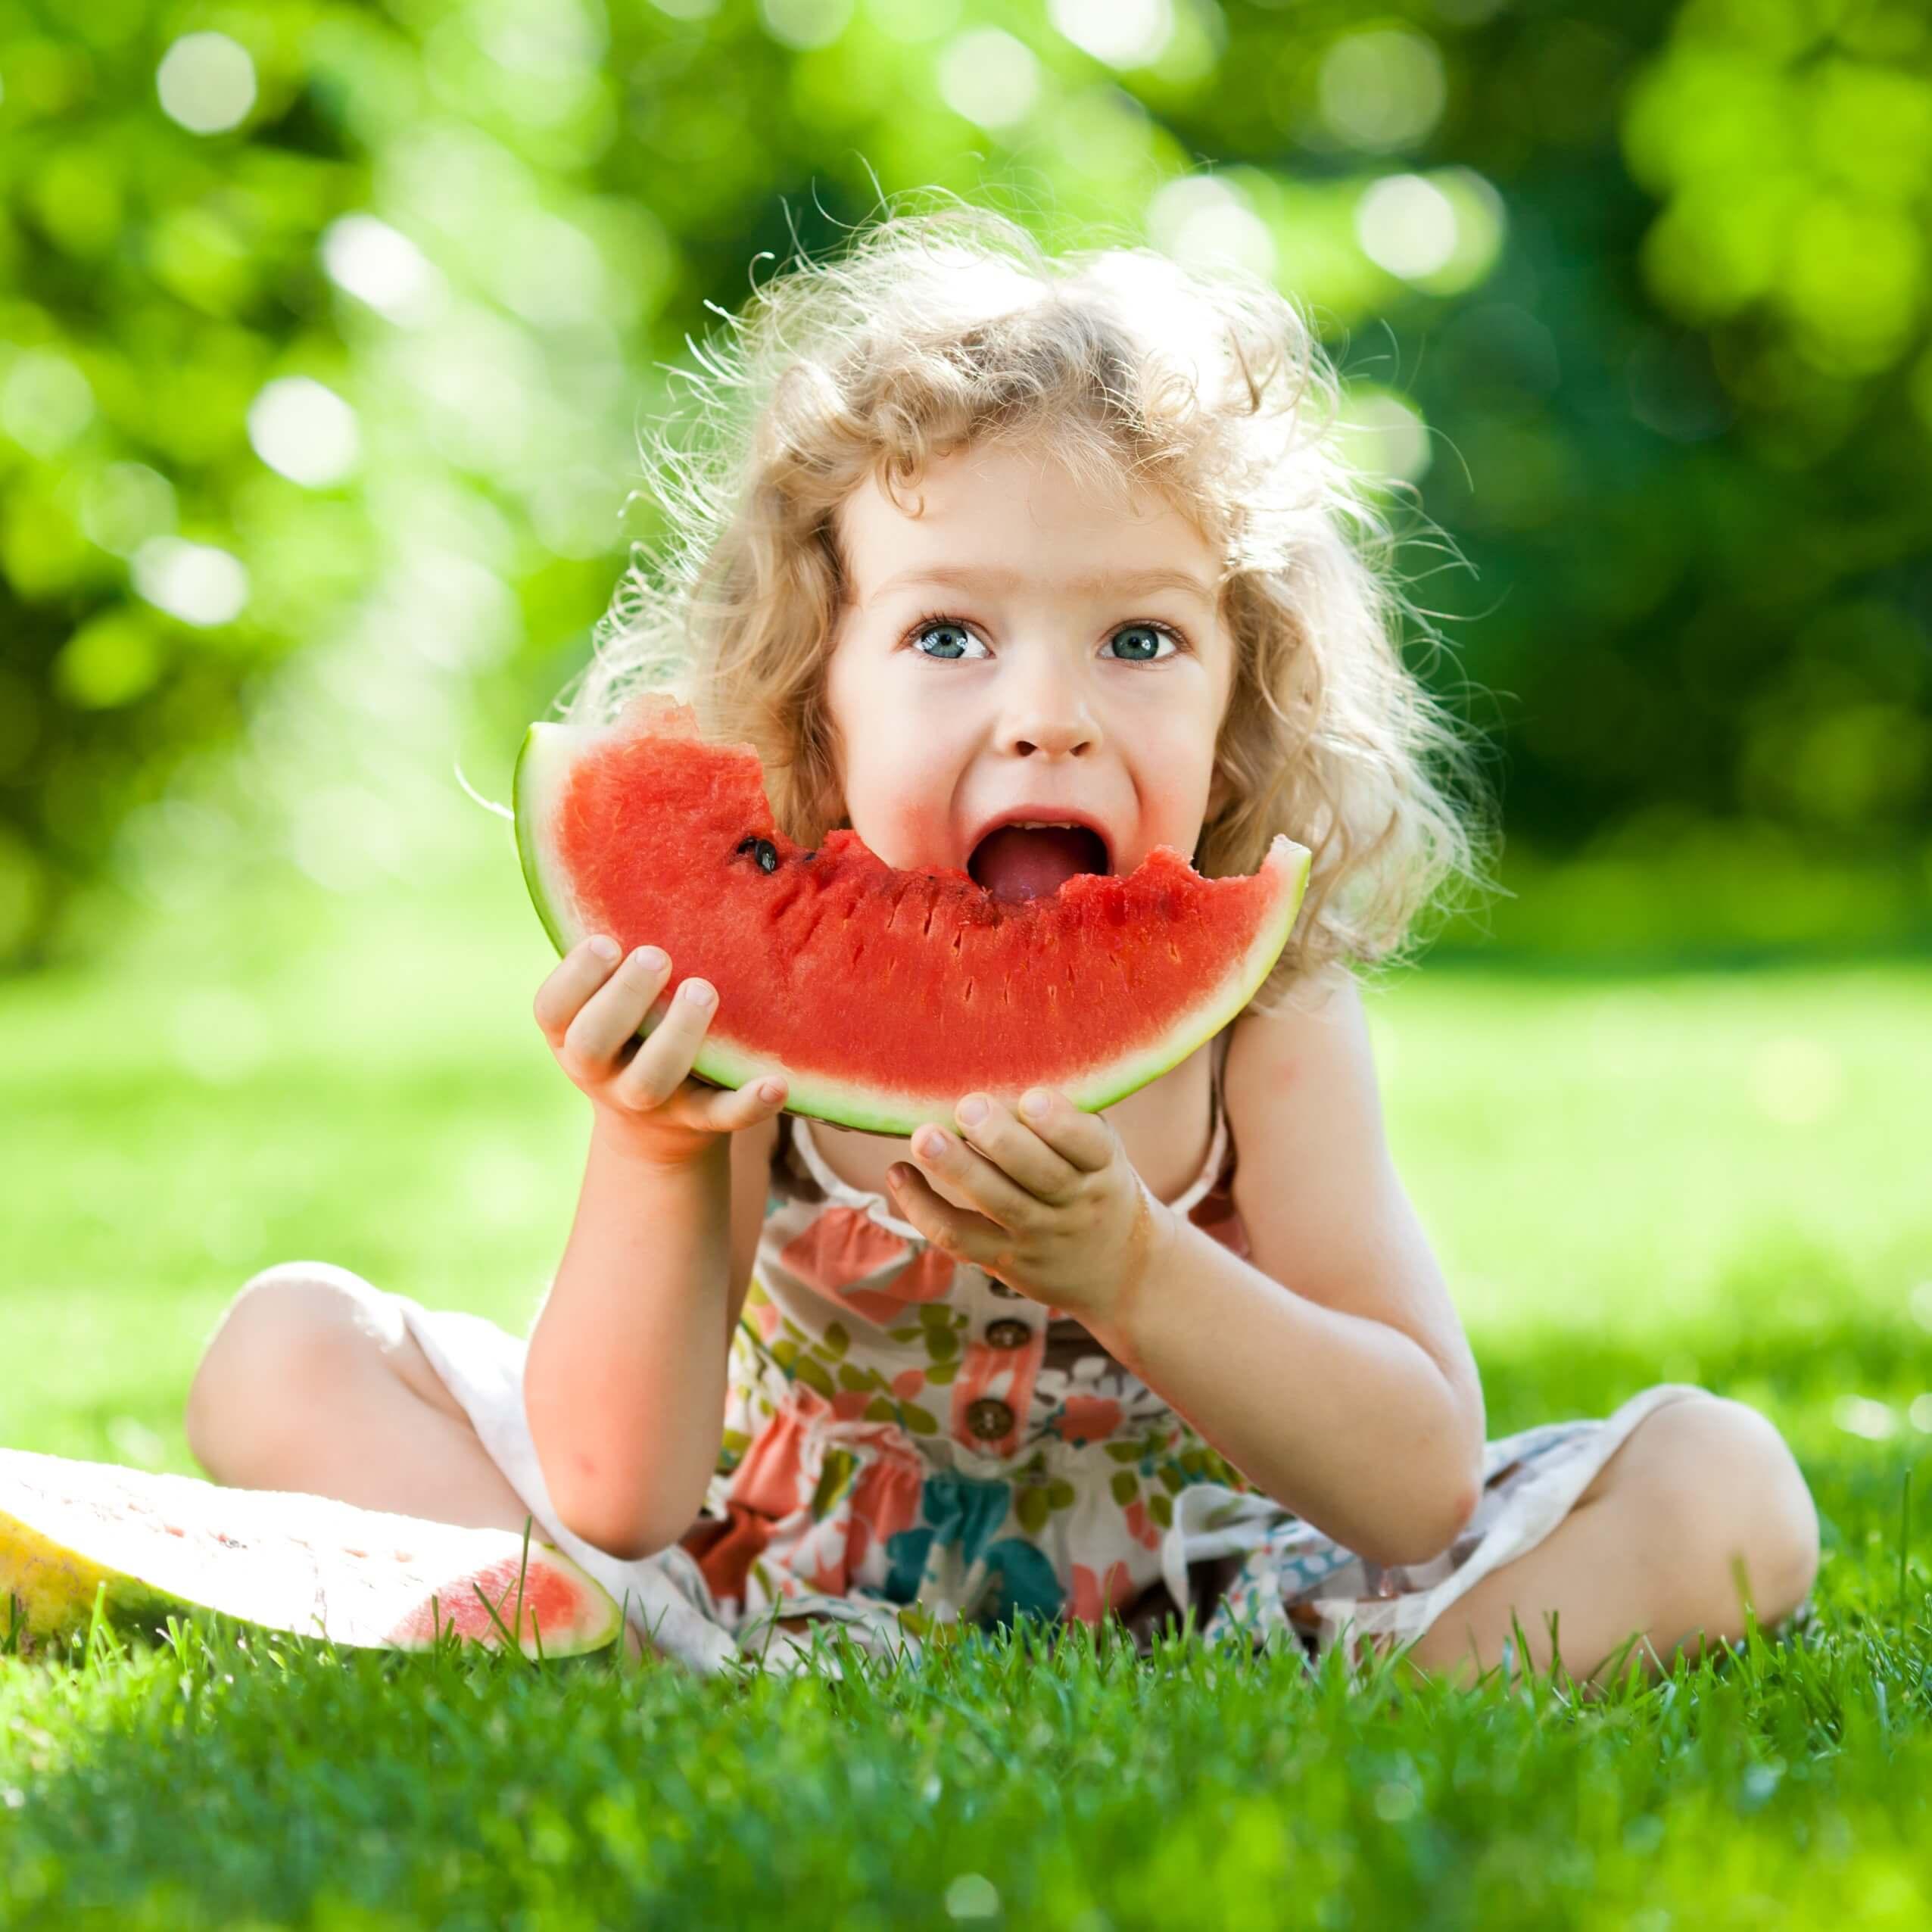 come fruta y verdura